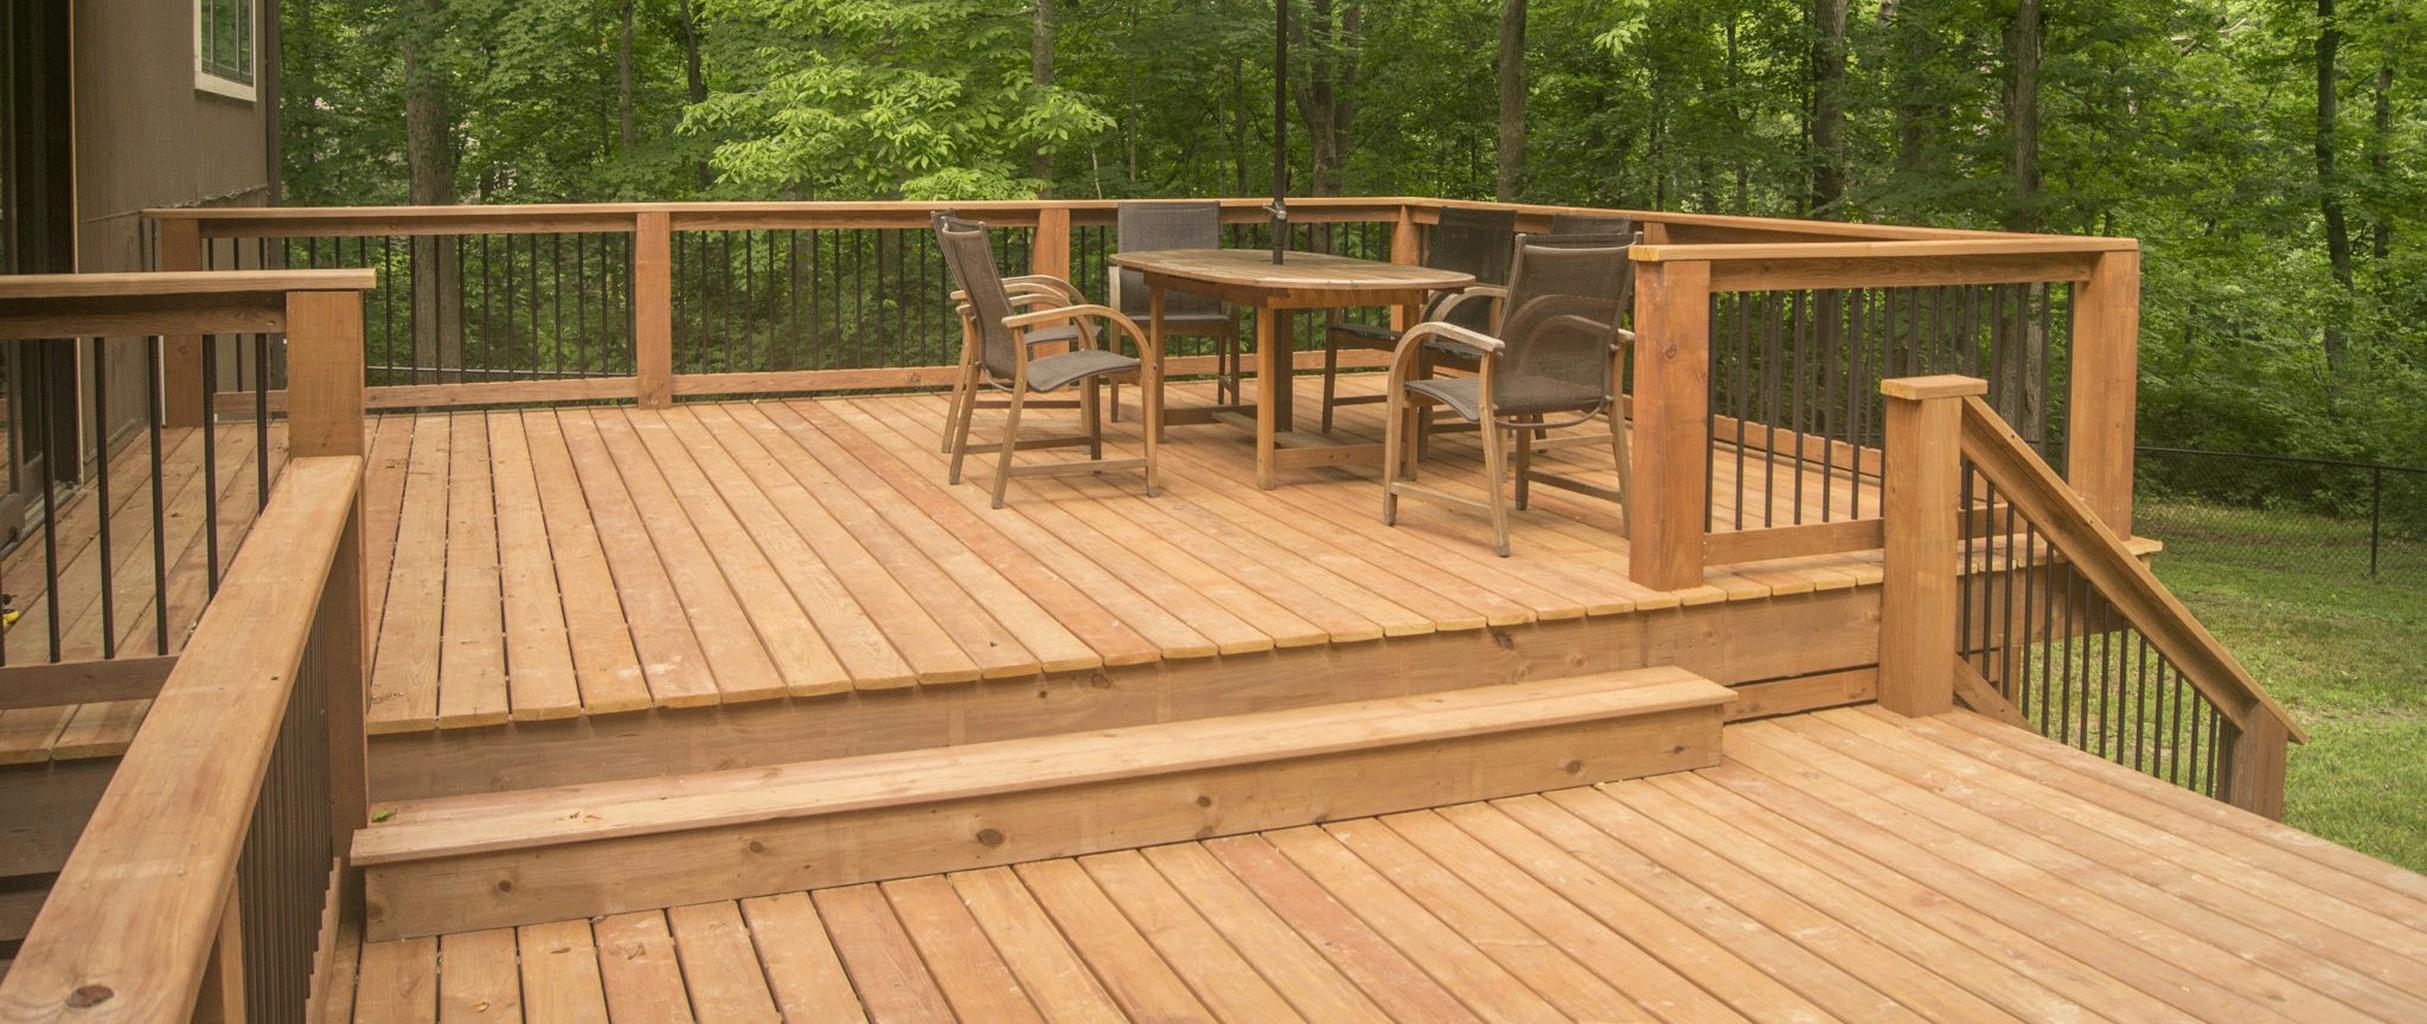 Fabriquer Terrasse En Bois Pas Cher 10 trucs pour une terrasse écologique très durable